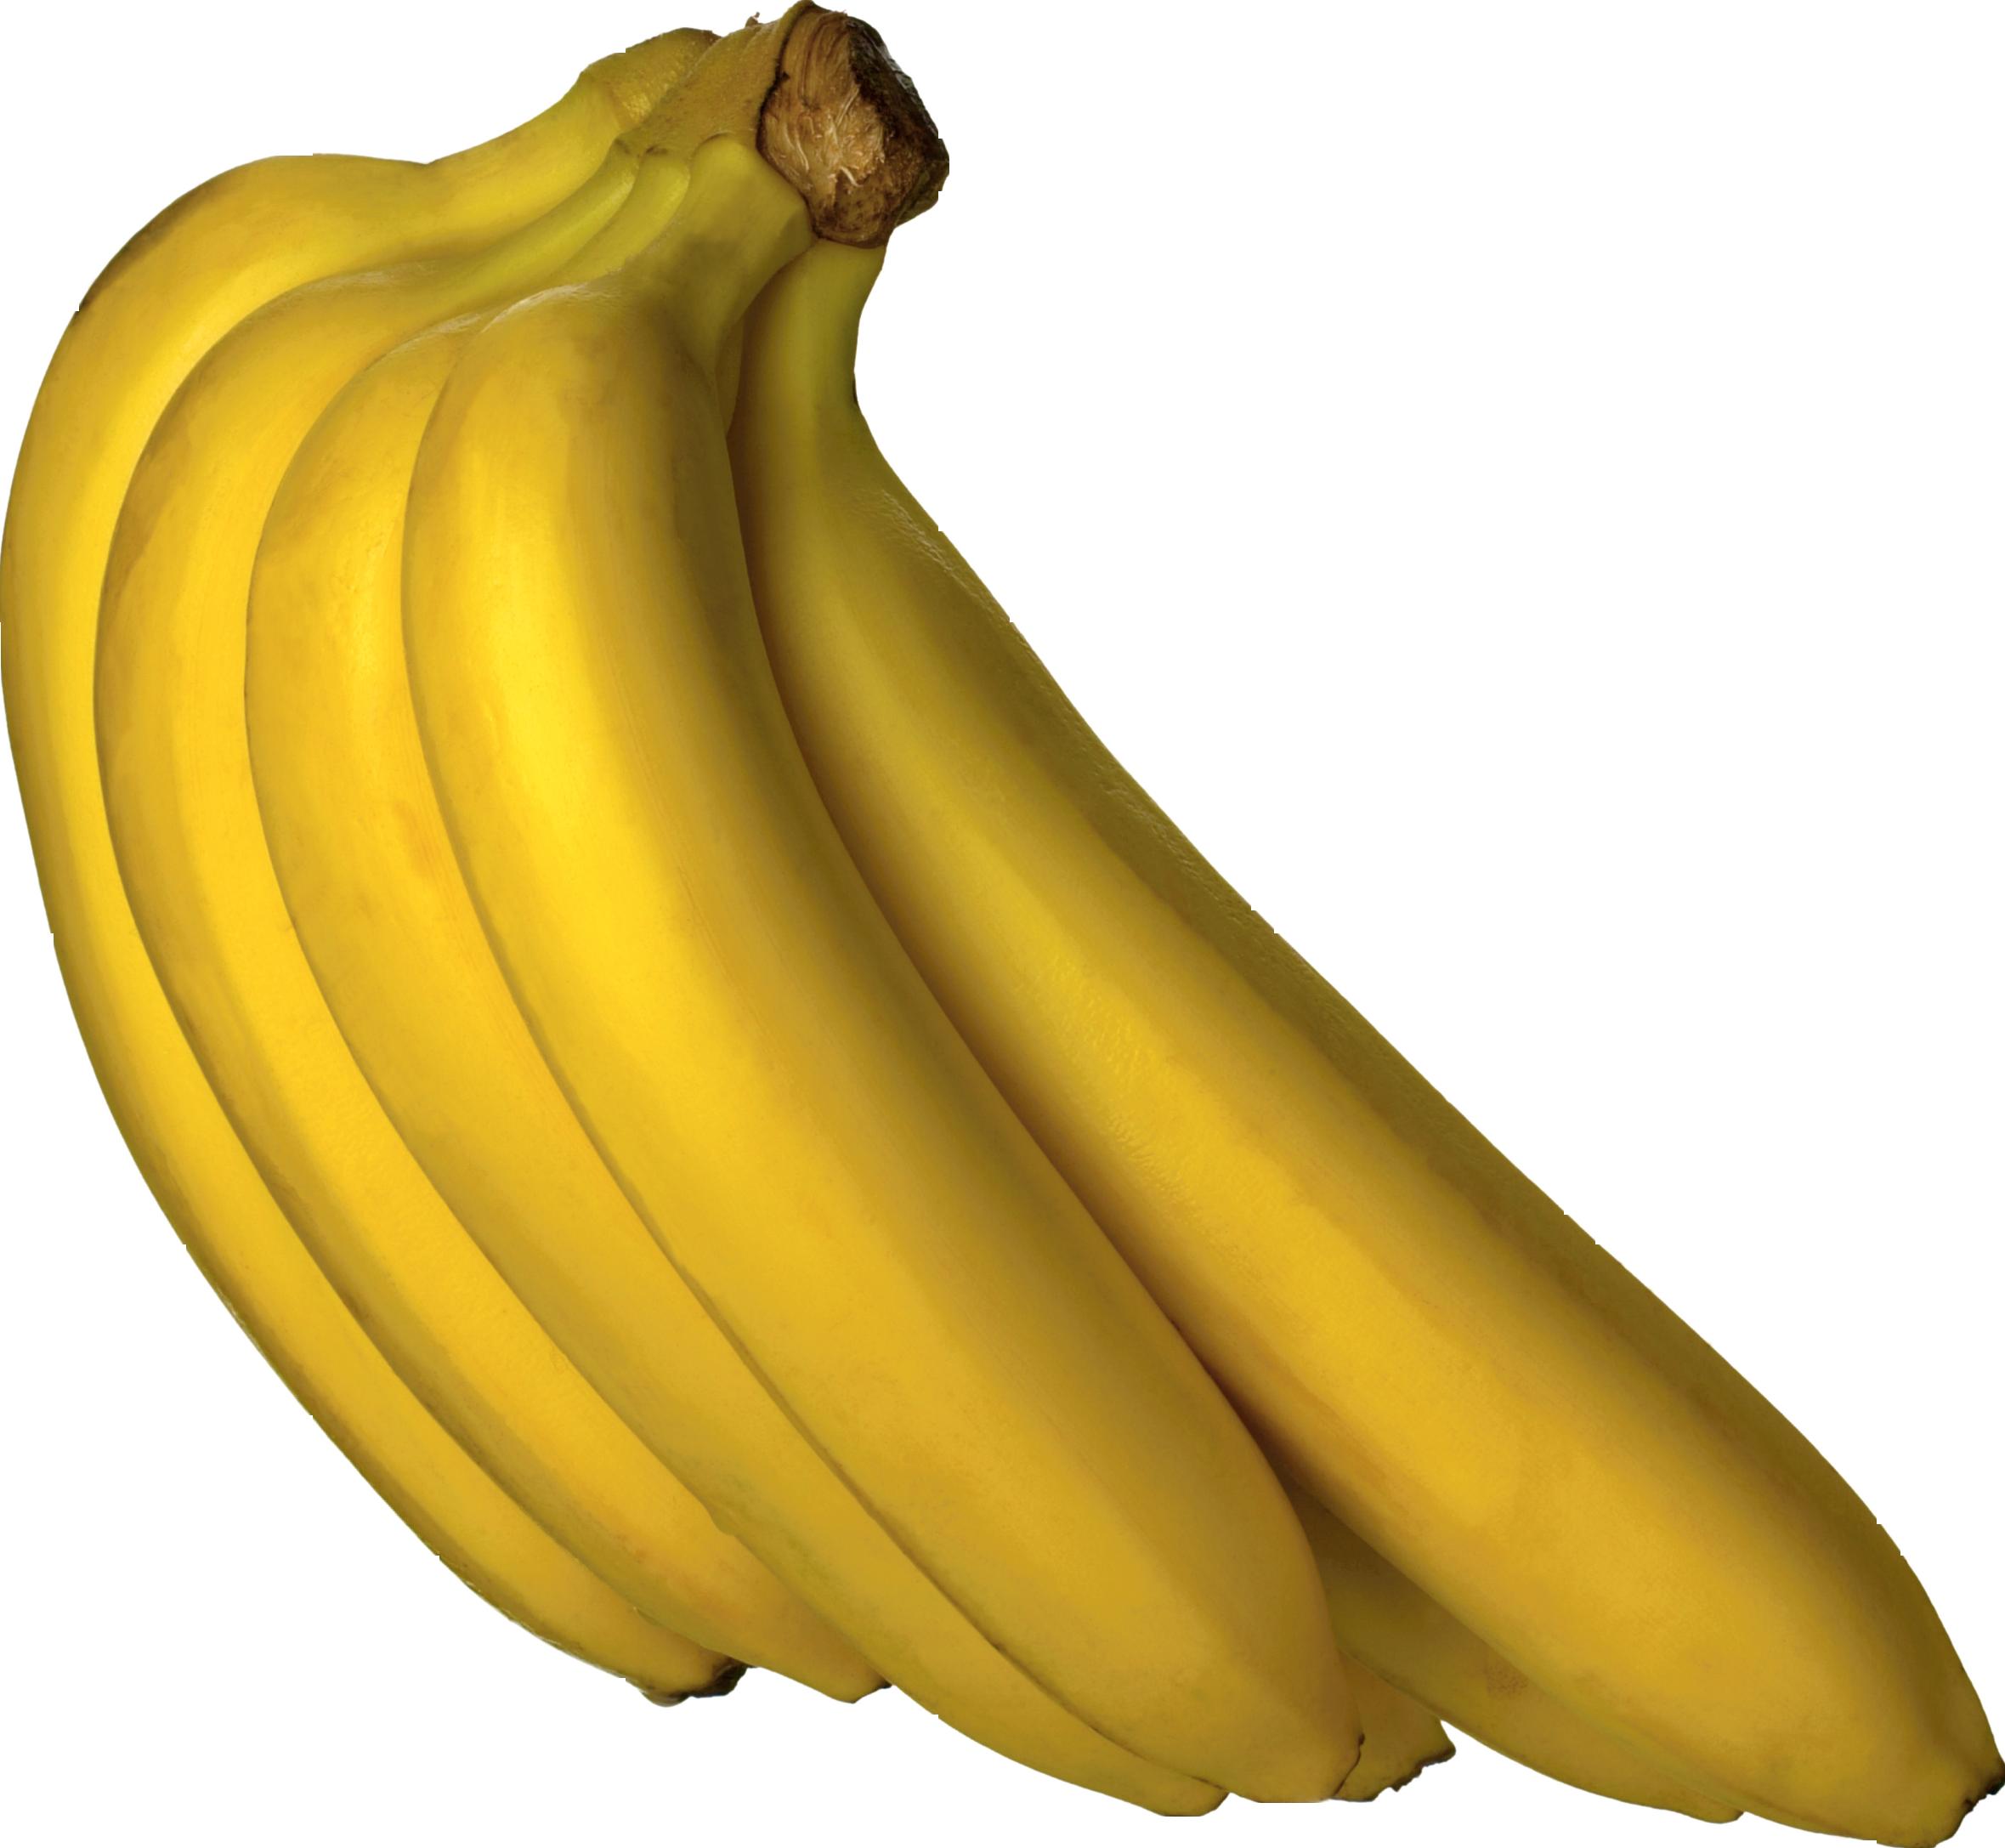 bananas PNG image